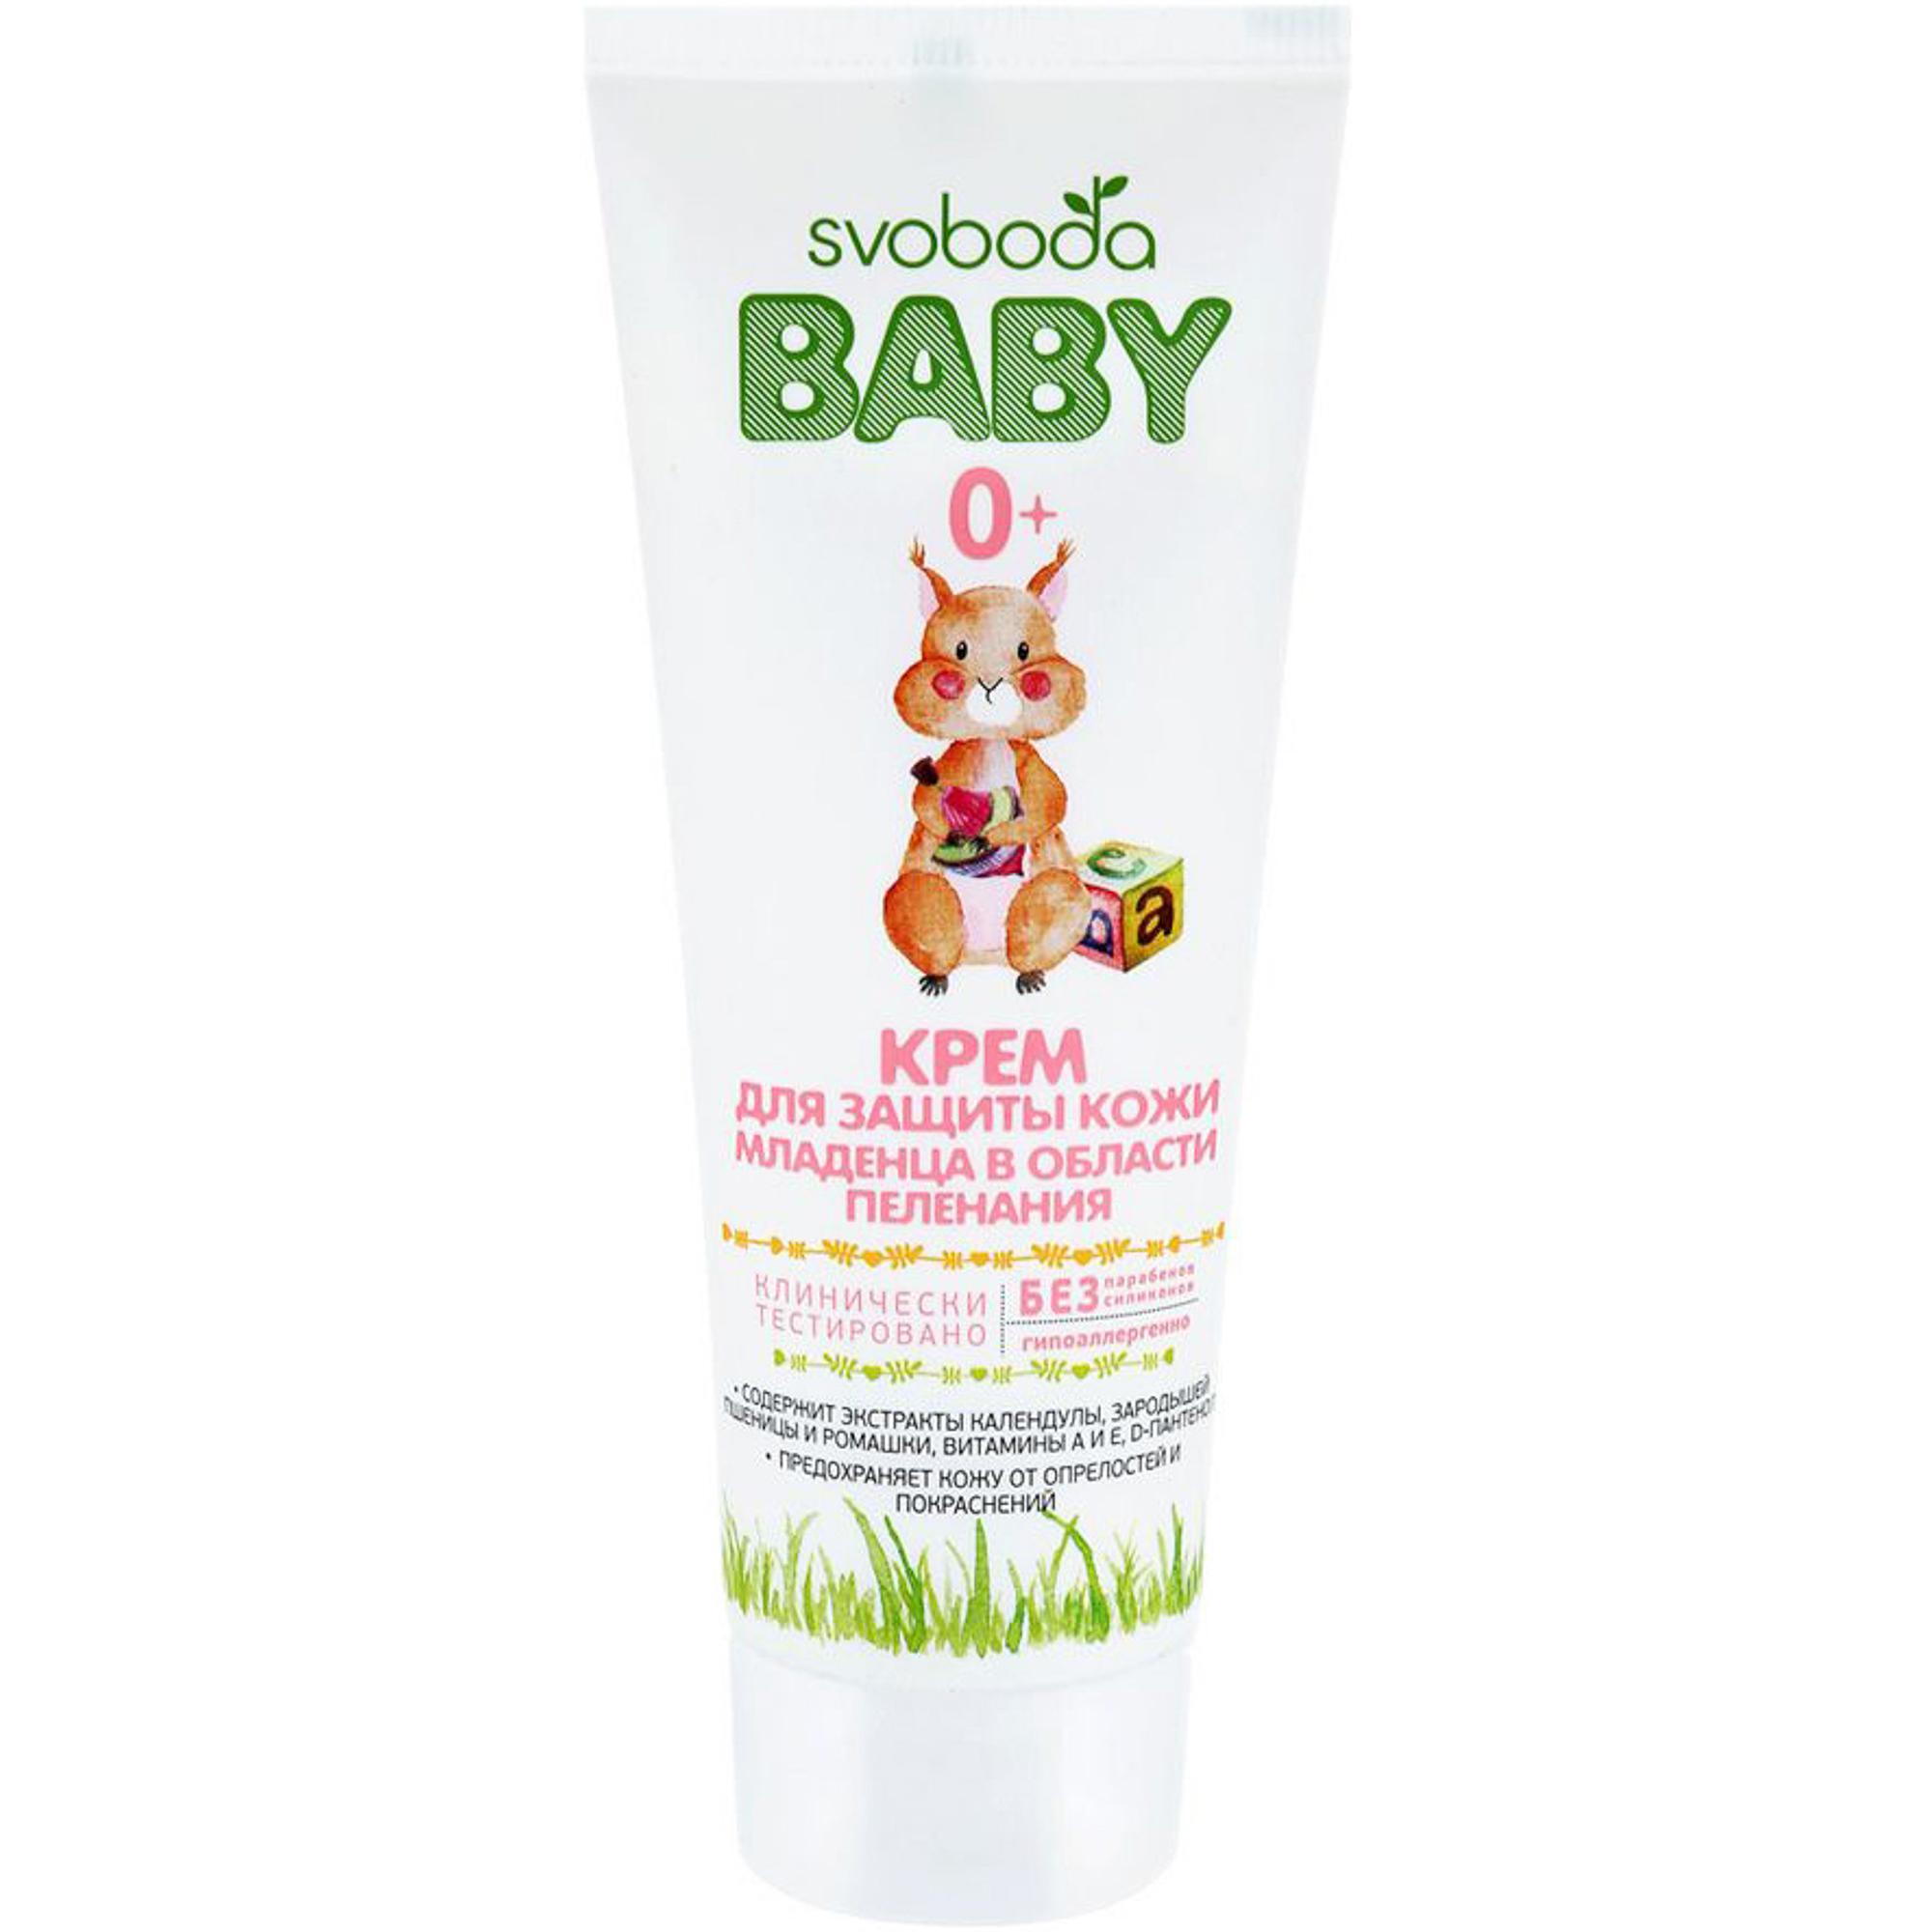 Фото - Крем Svoboda Baby для защиты кожи 75 мл свобода крем мылоsvoboda baby длямладенца 250 мл